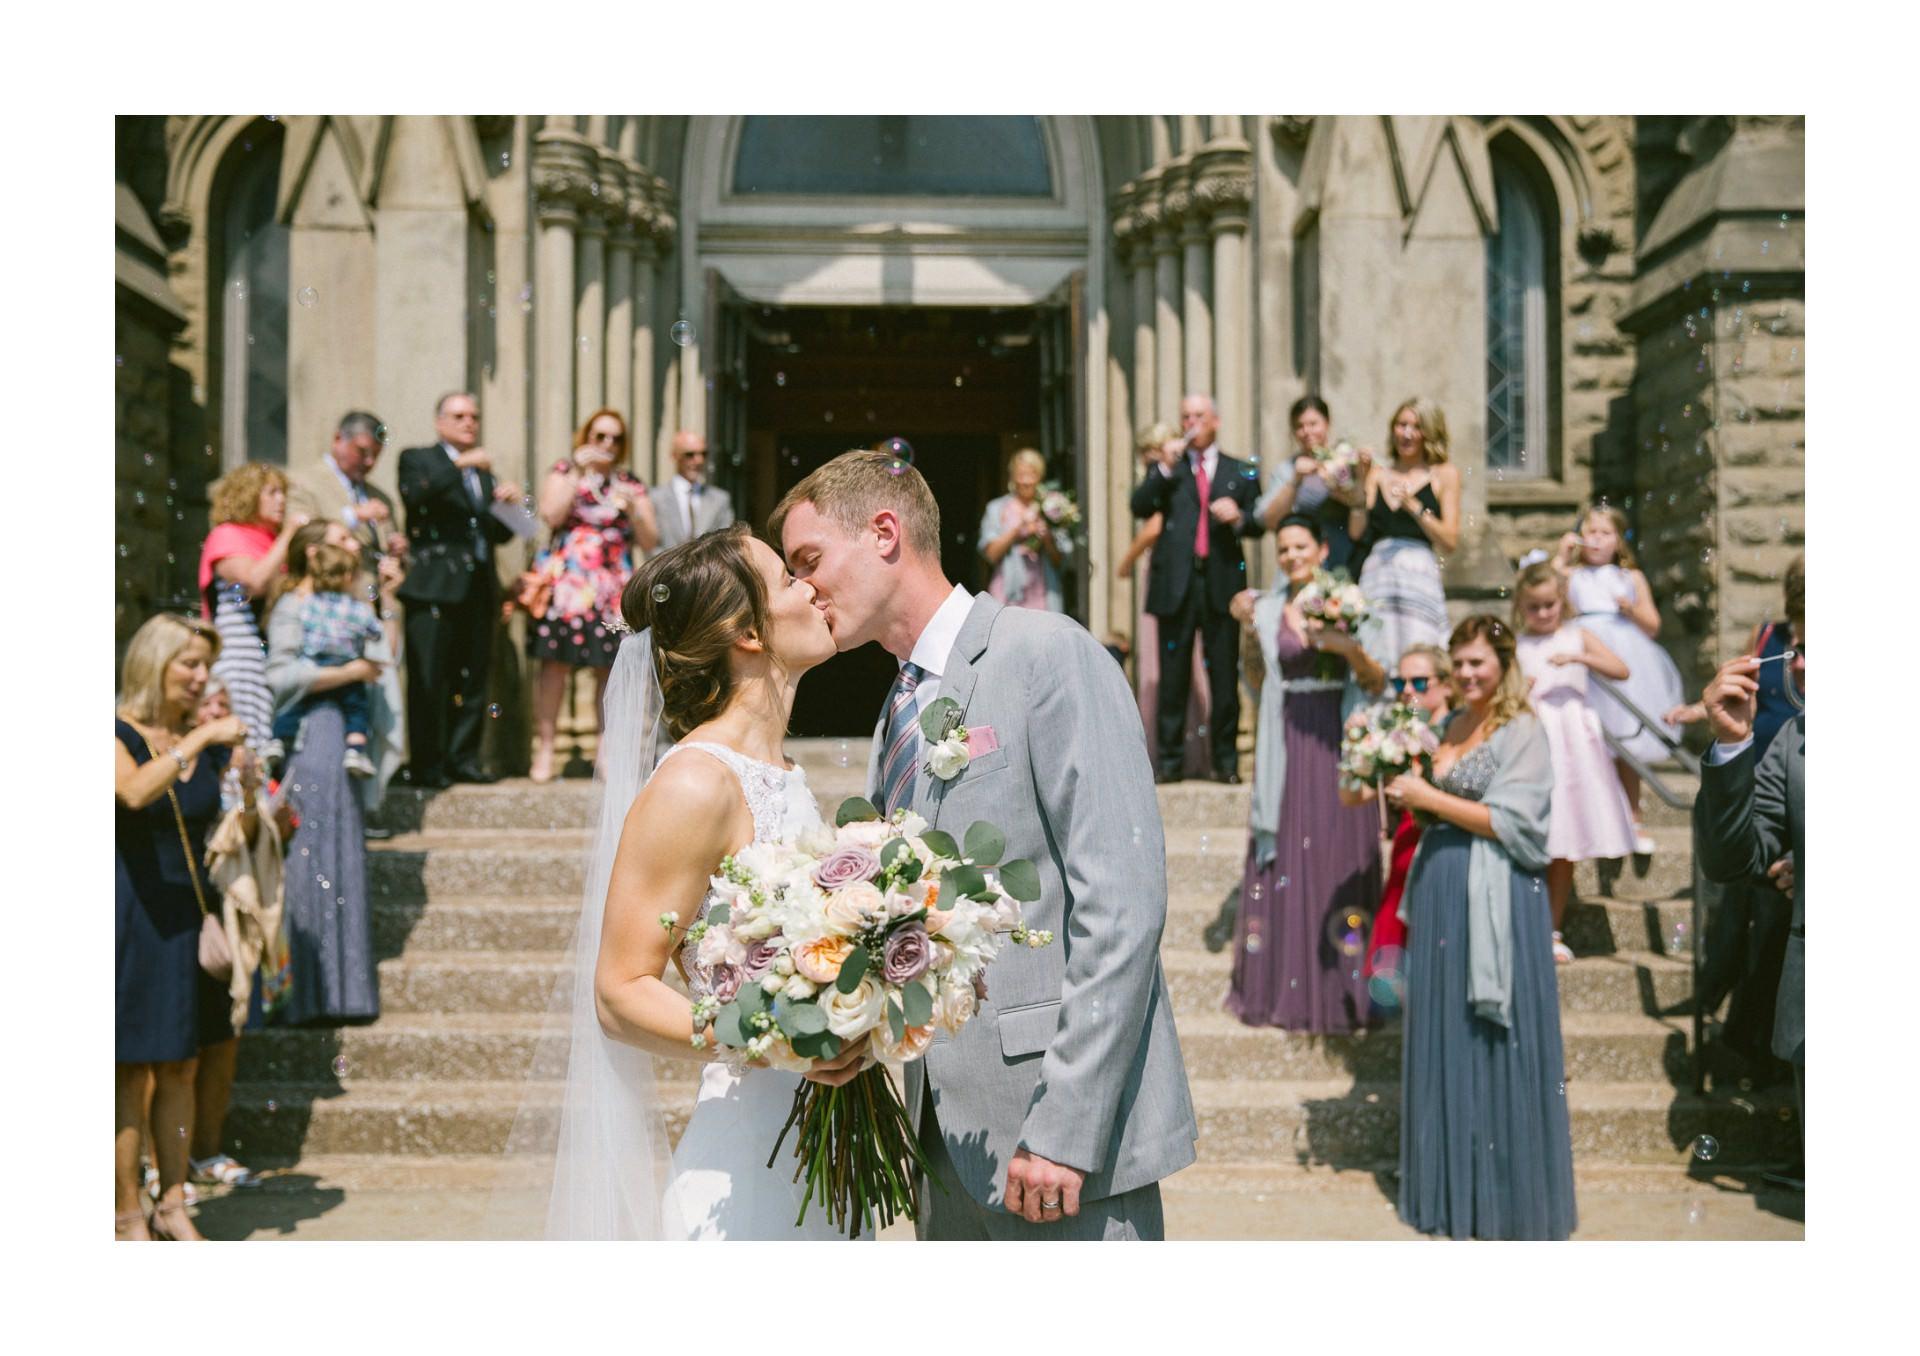 The Madison Wedding Venue Cleveland Wedding Photographer 00154.JPG